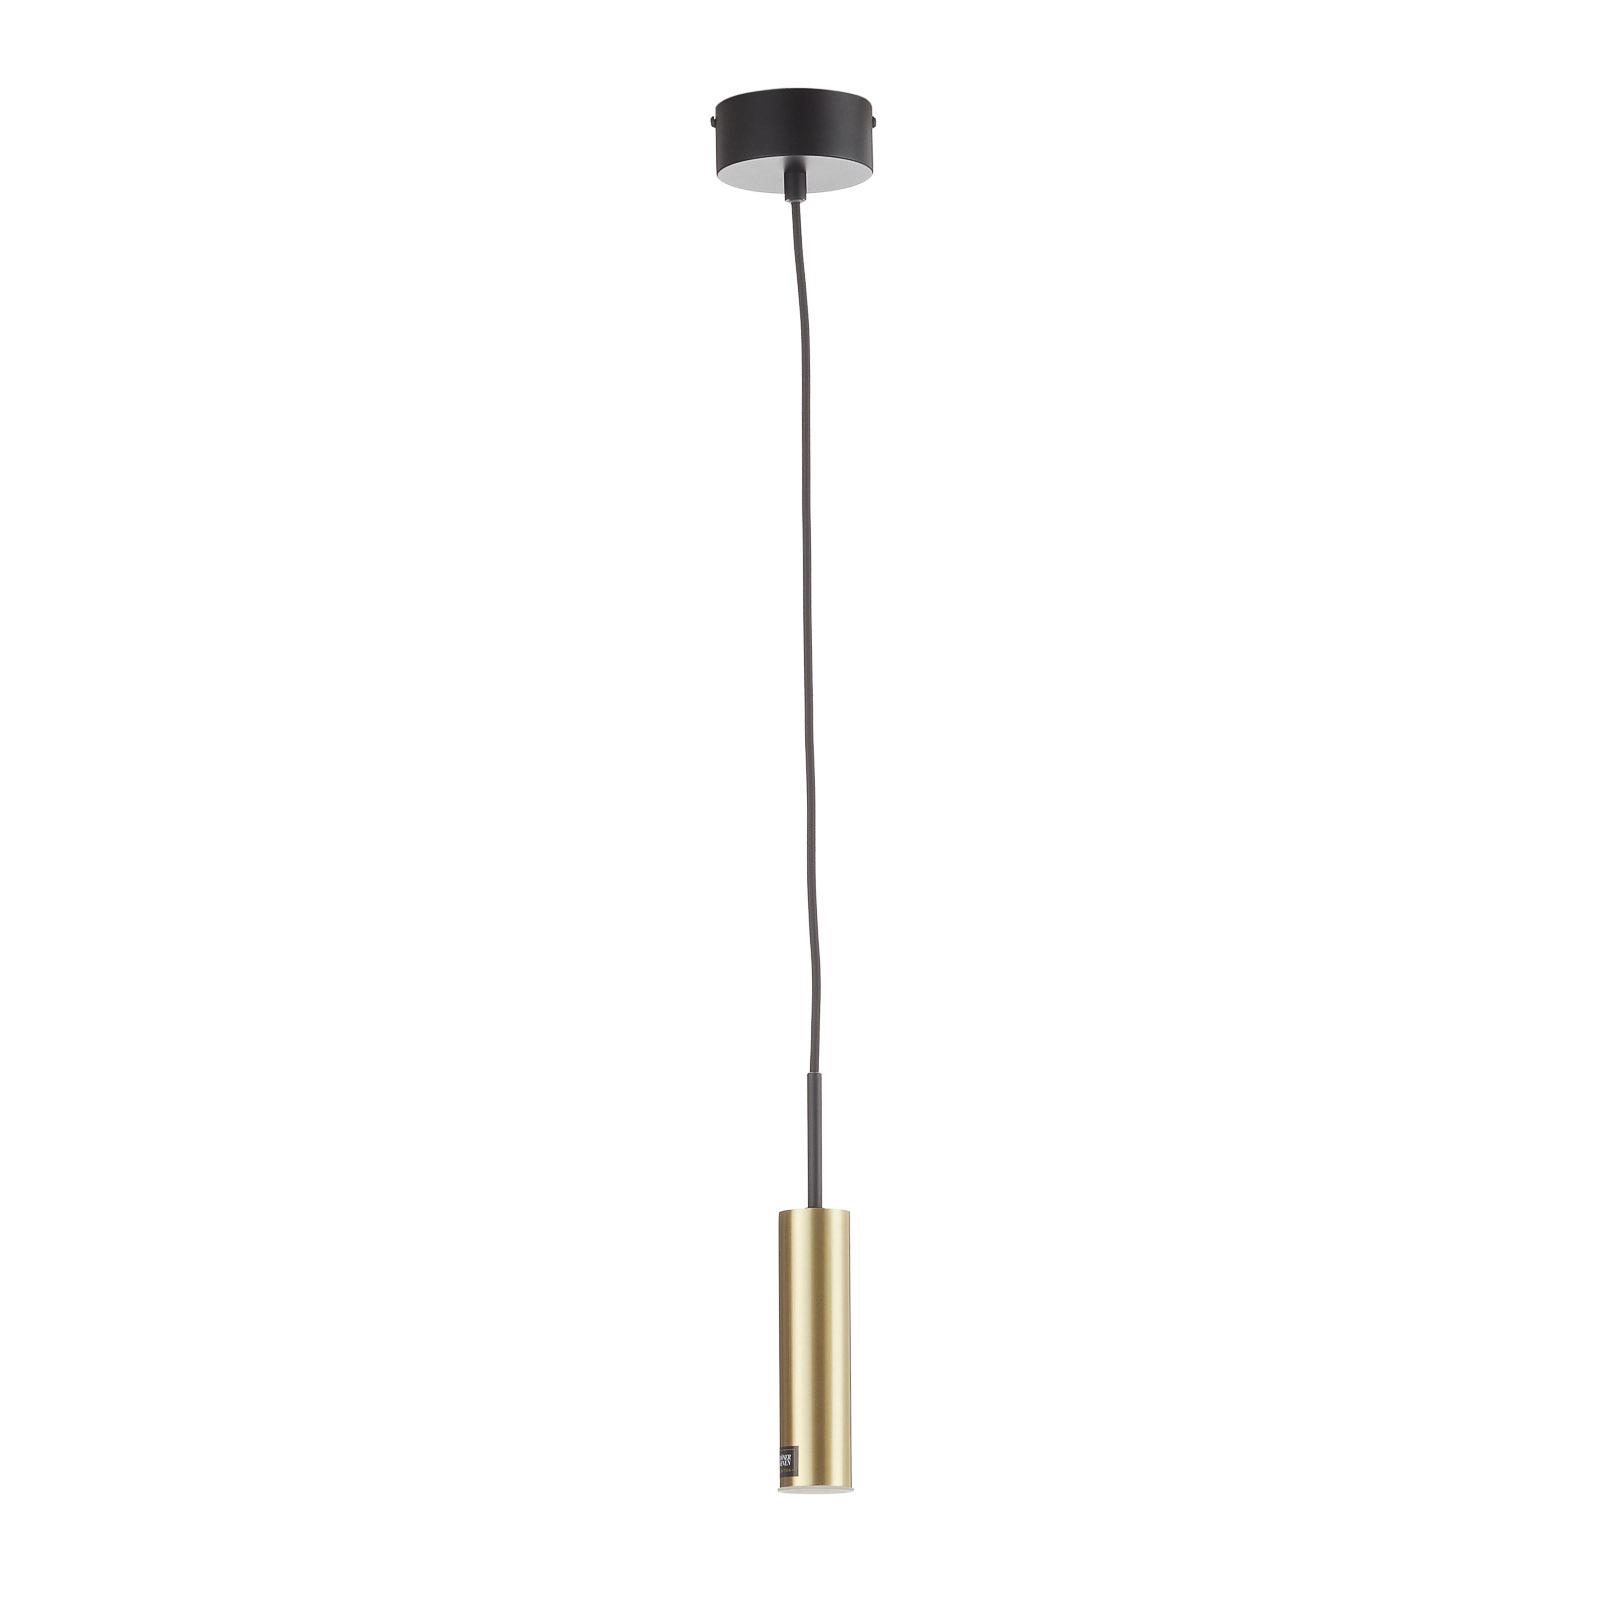 Schöner Wohnen Stina LED-hængelampe, 1 lkld gylden